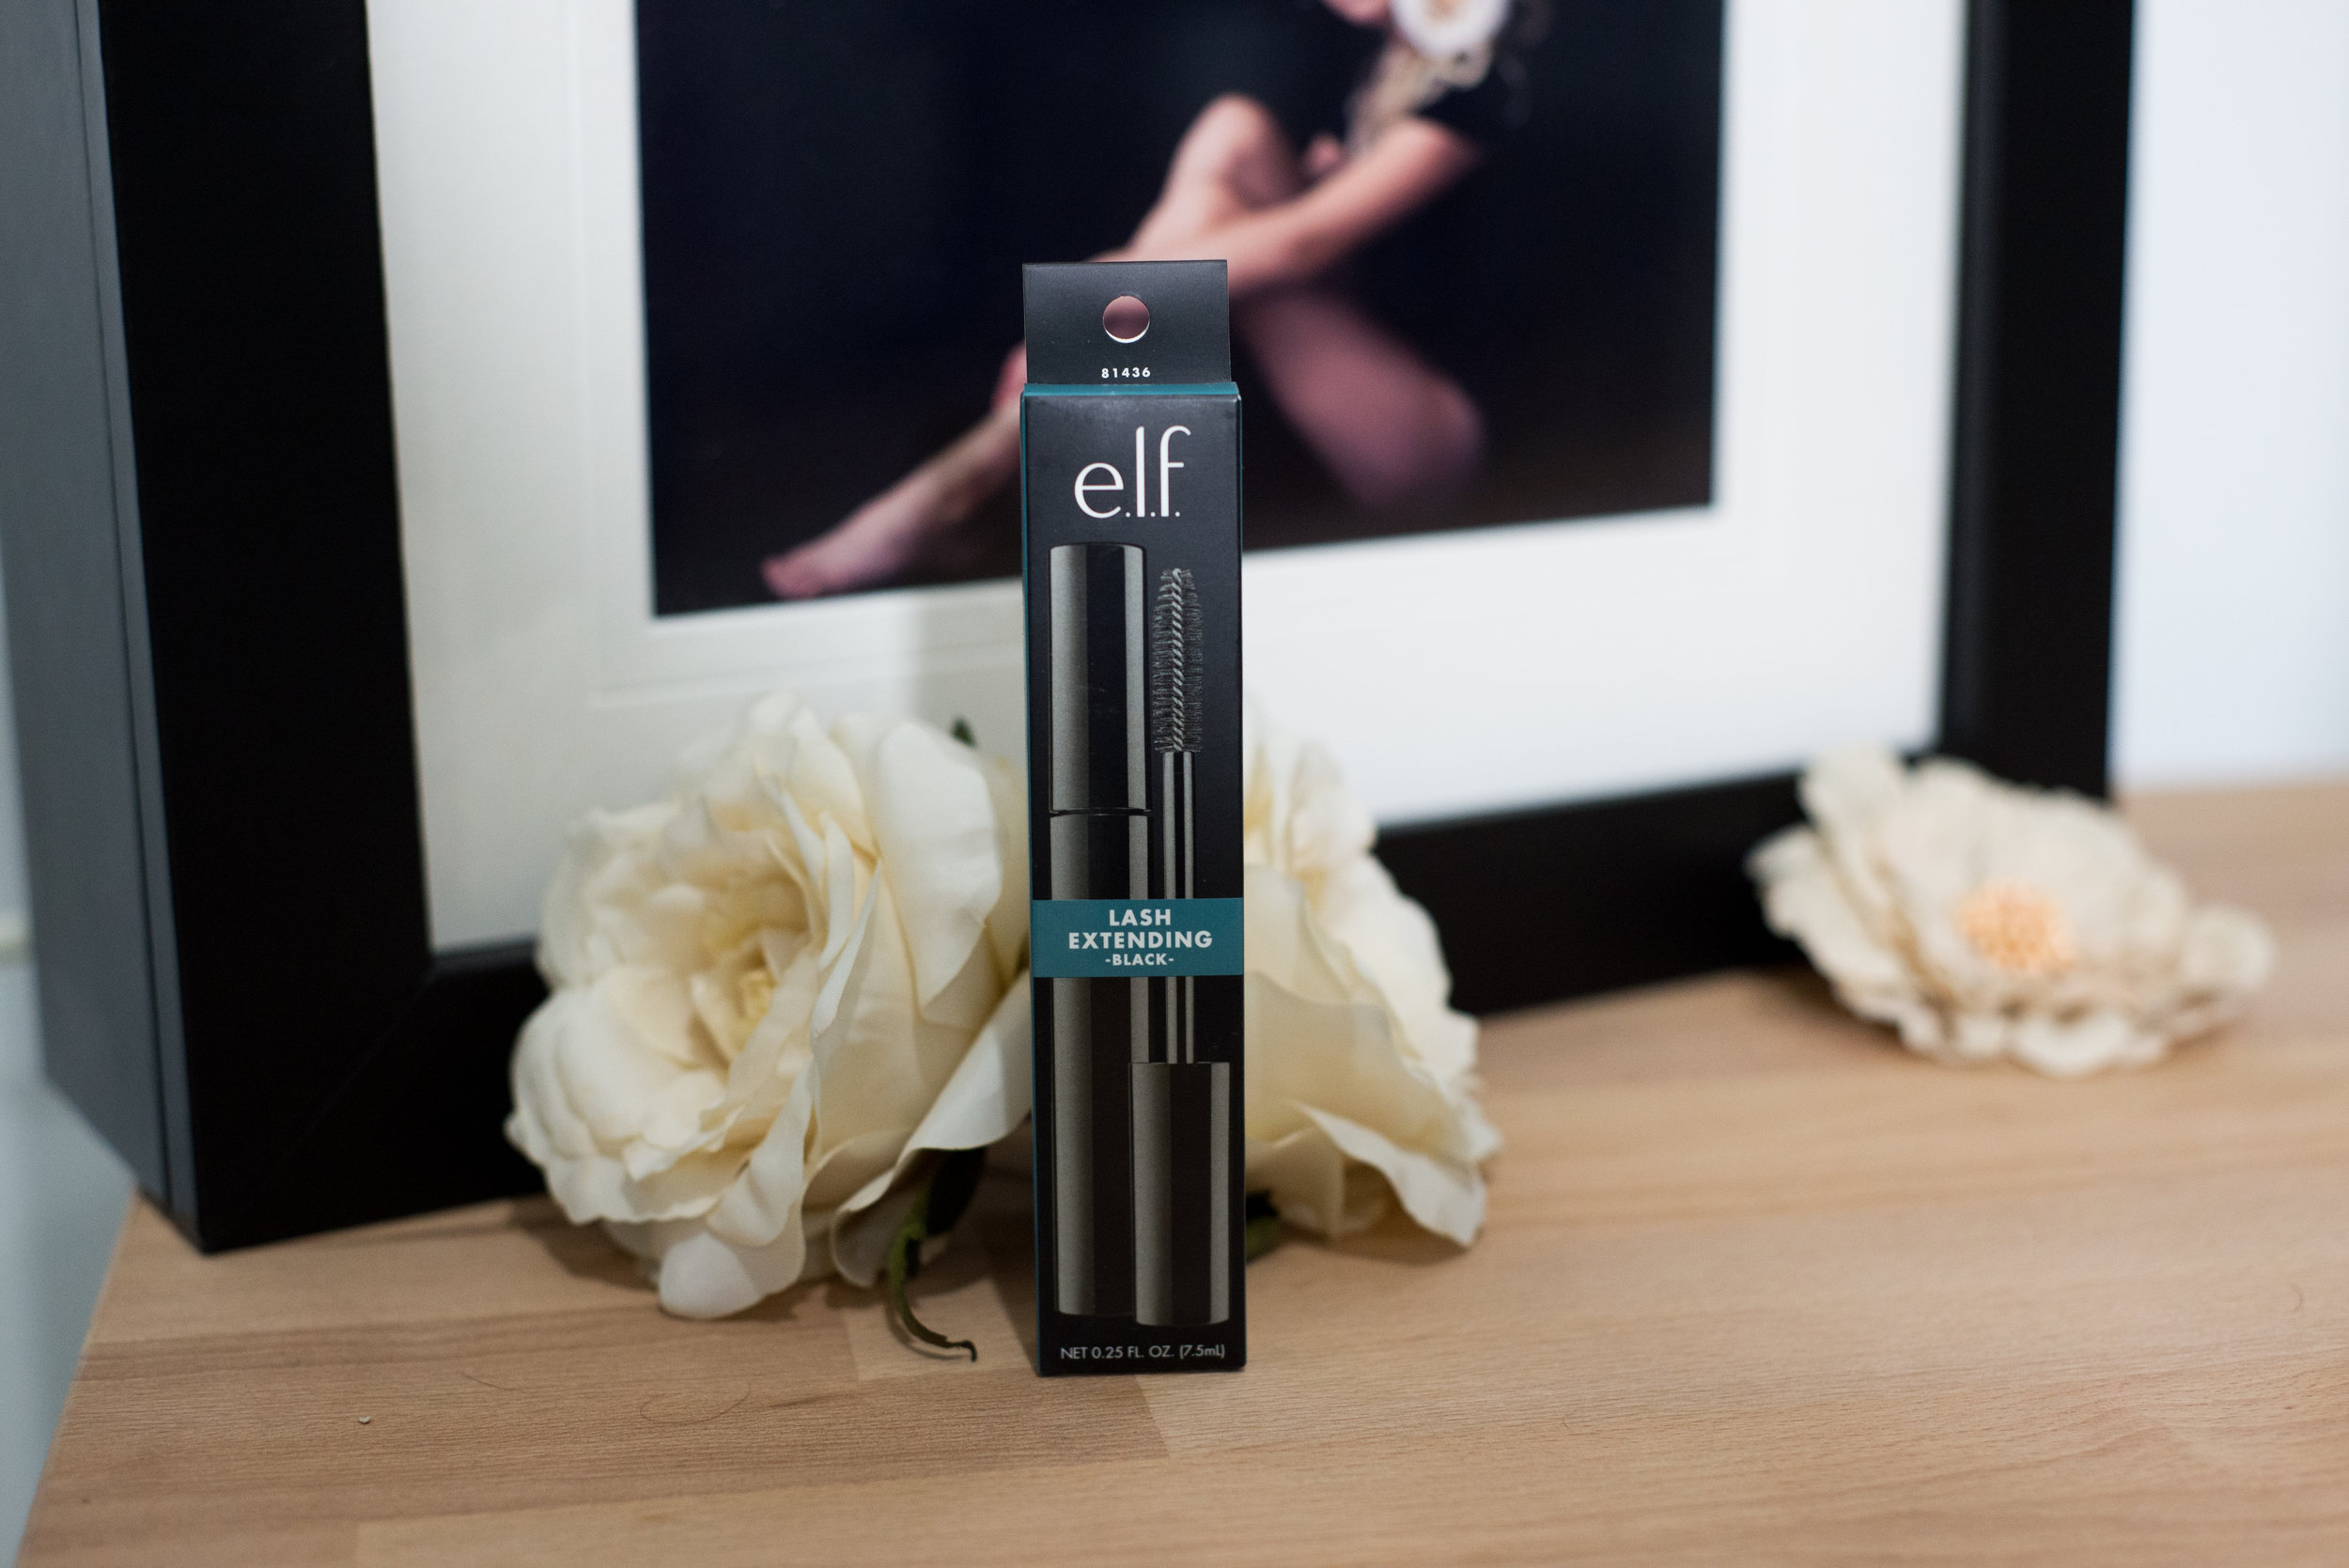 Mascara - Brand: e.l.f. - Lash Extending - Color: Black